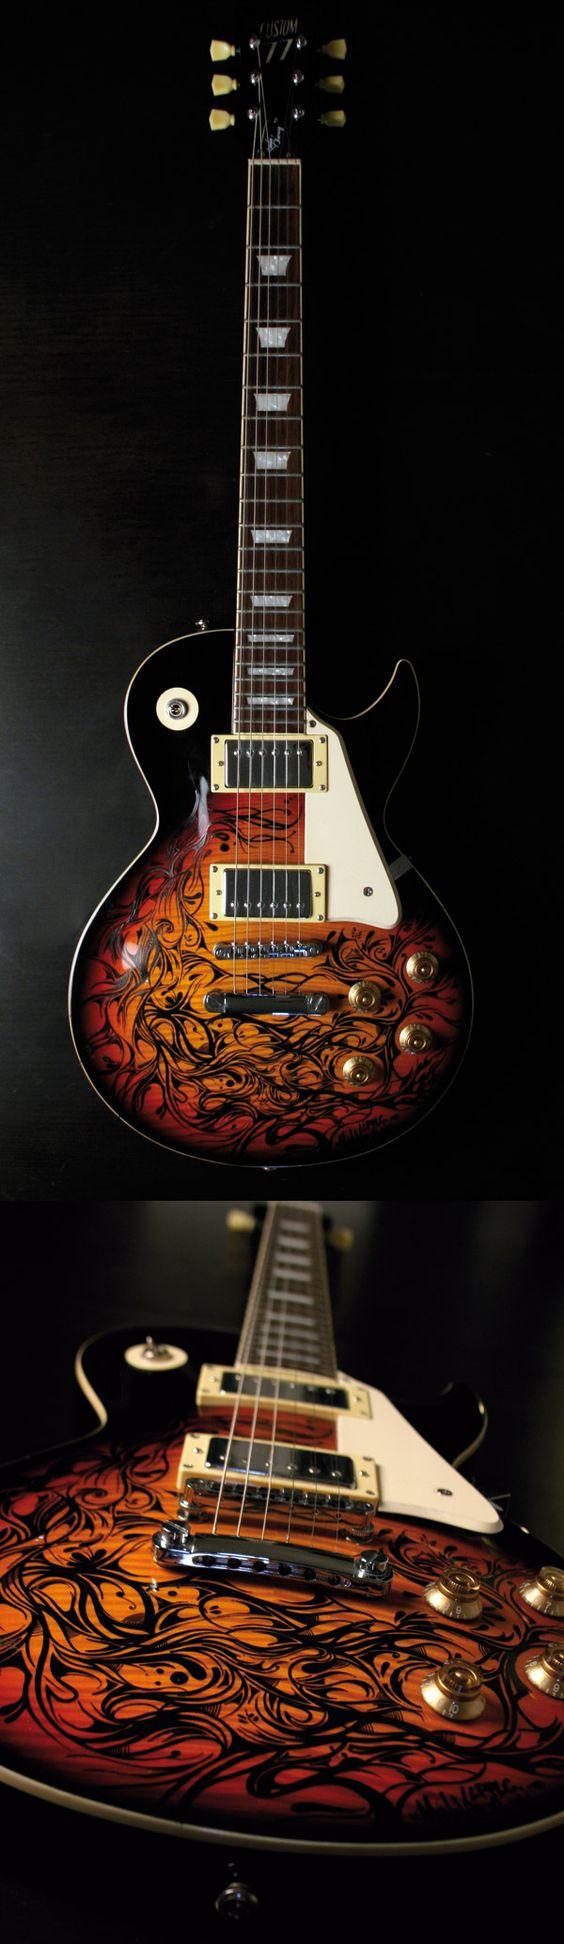 Nouvelle guitare custom by MONOVISUA